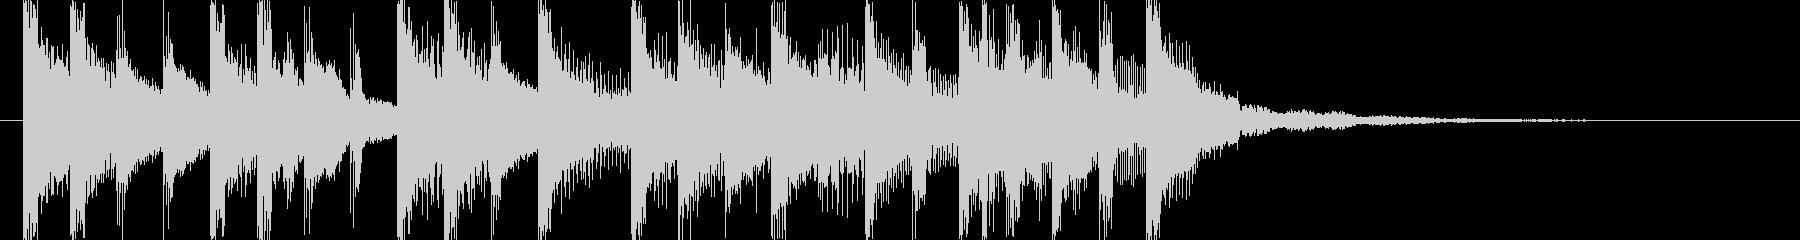 ラジオに合う爽やかポップジングル5の未再生の波形